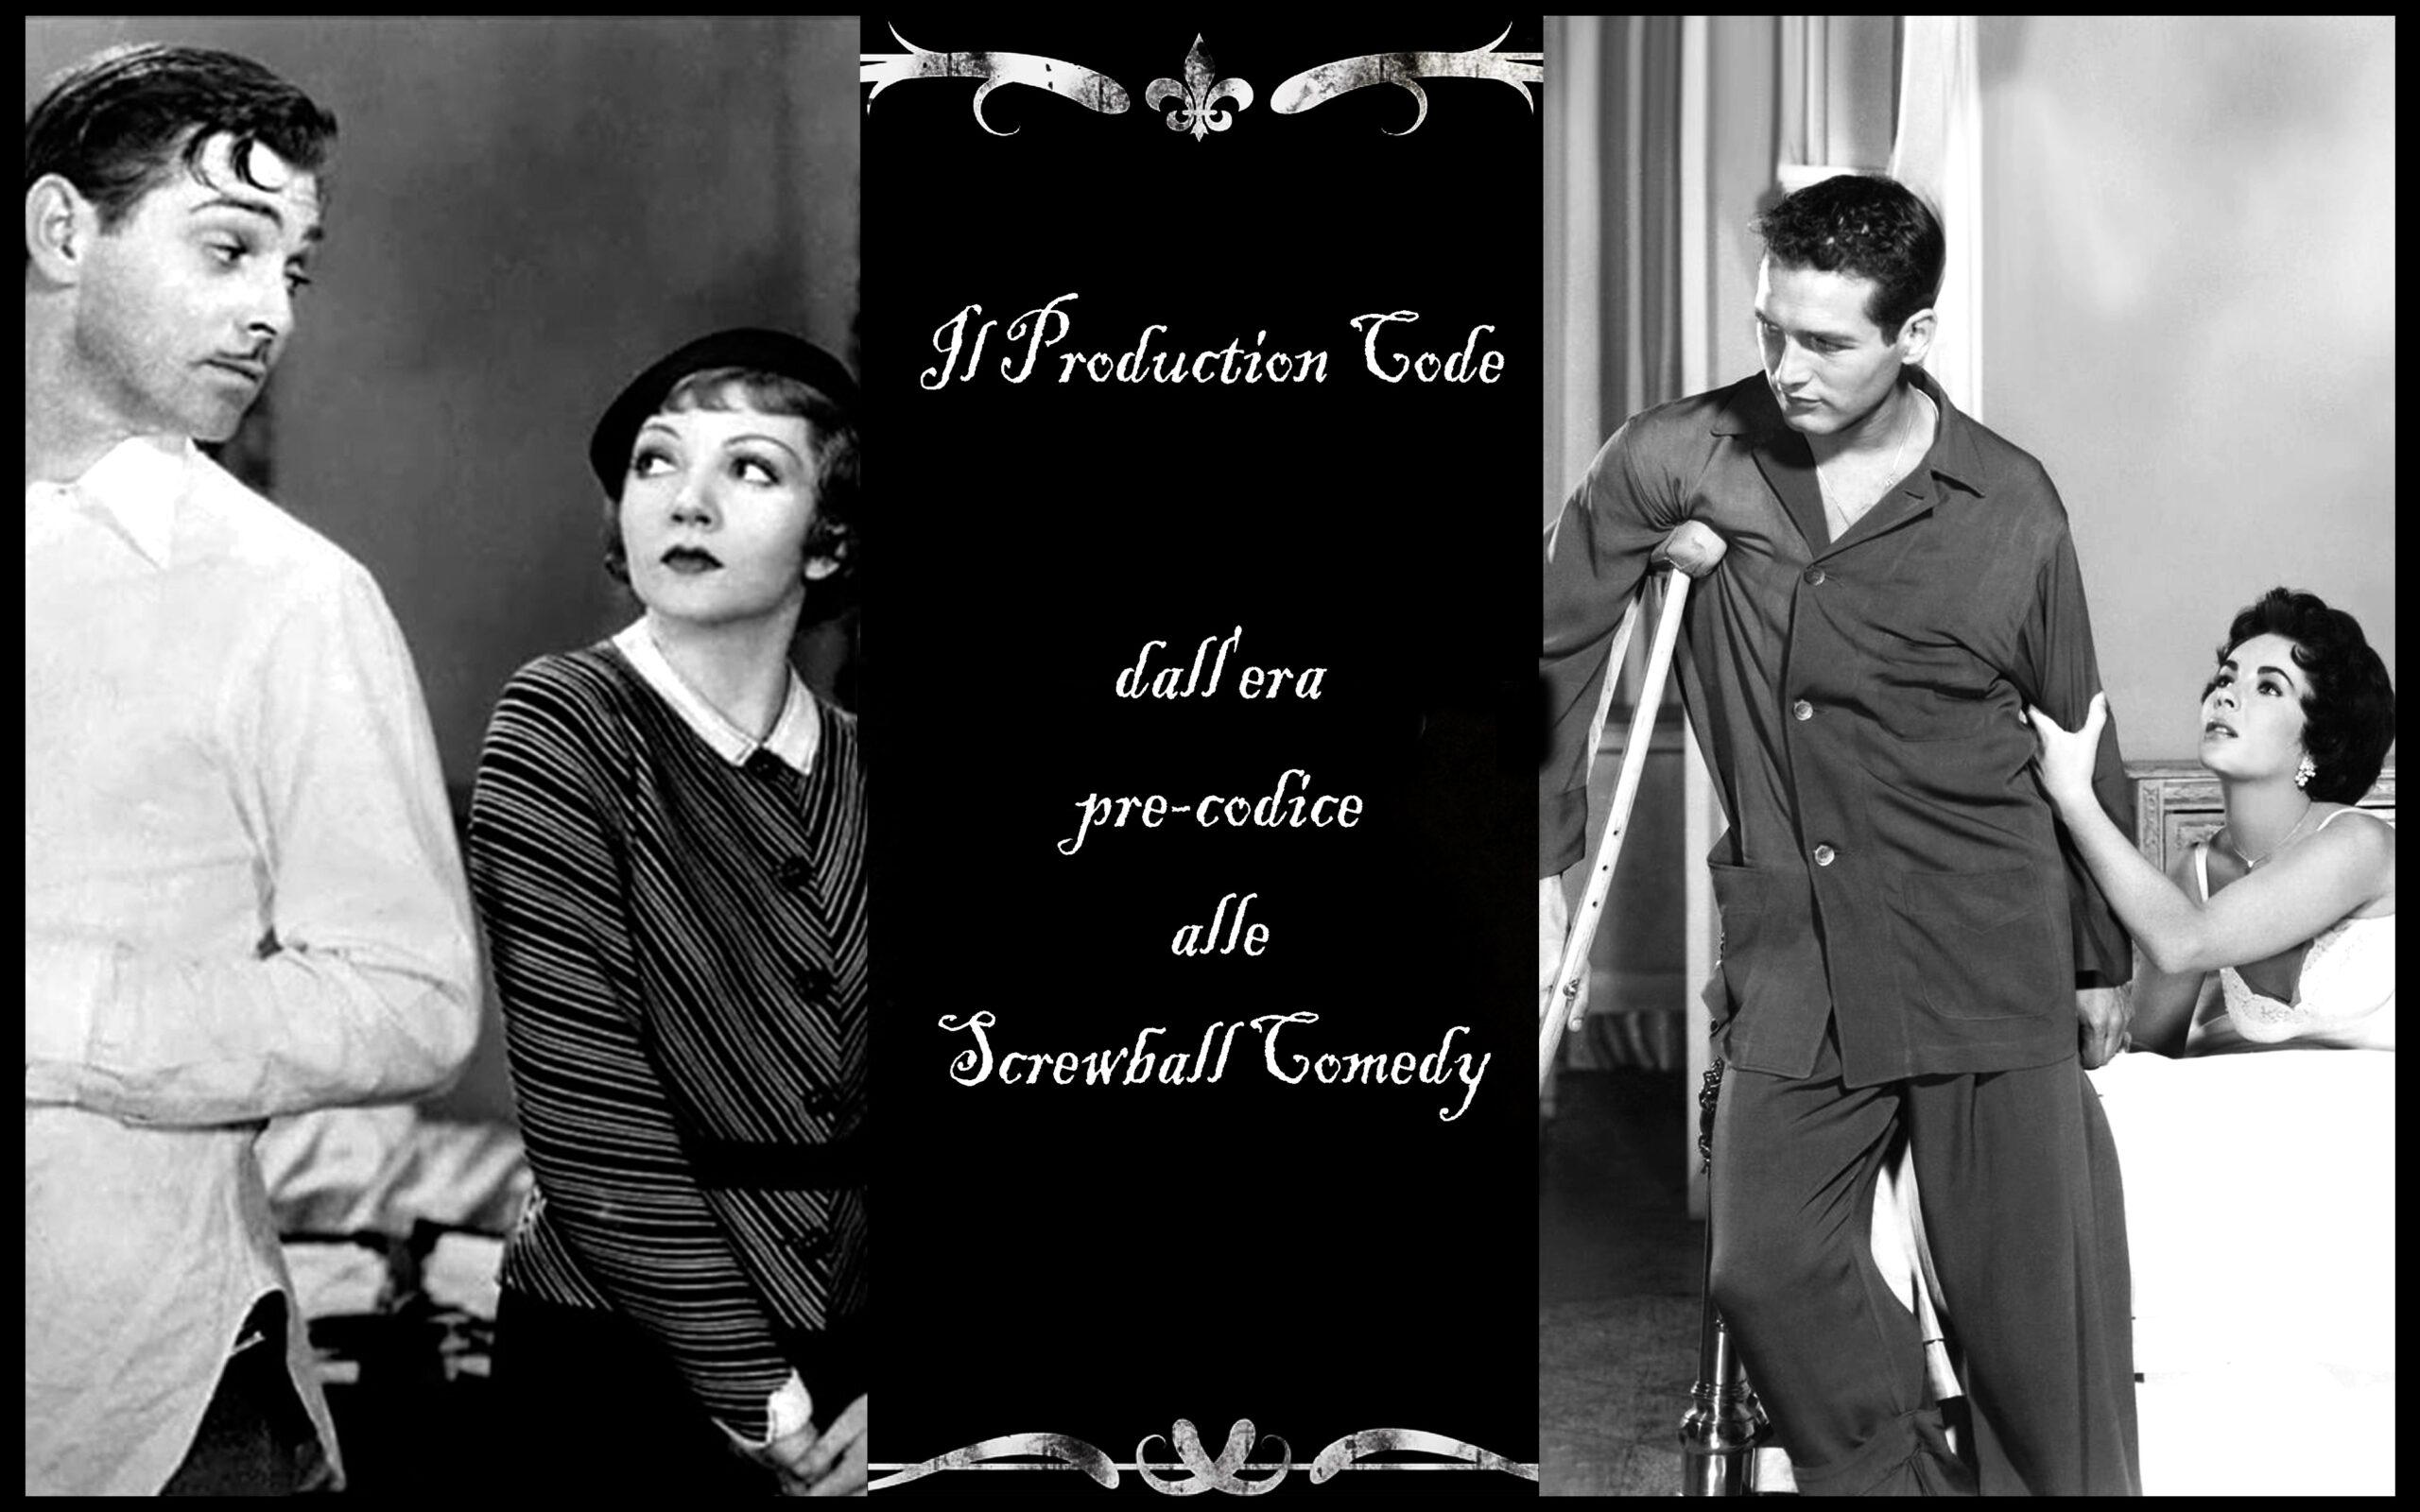 Il Production Code – dall'era pre-codice alle Screwball Comedy